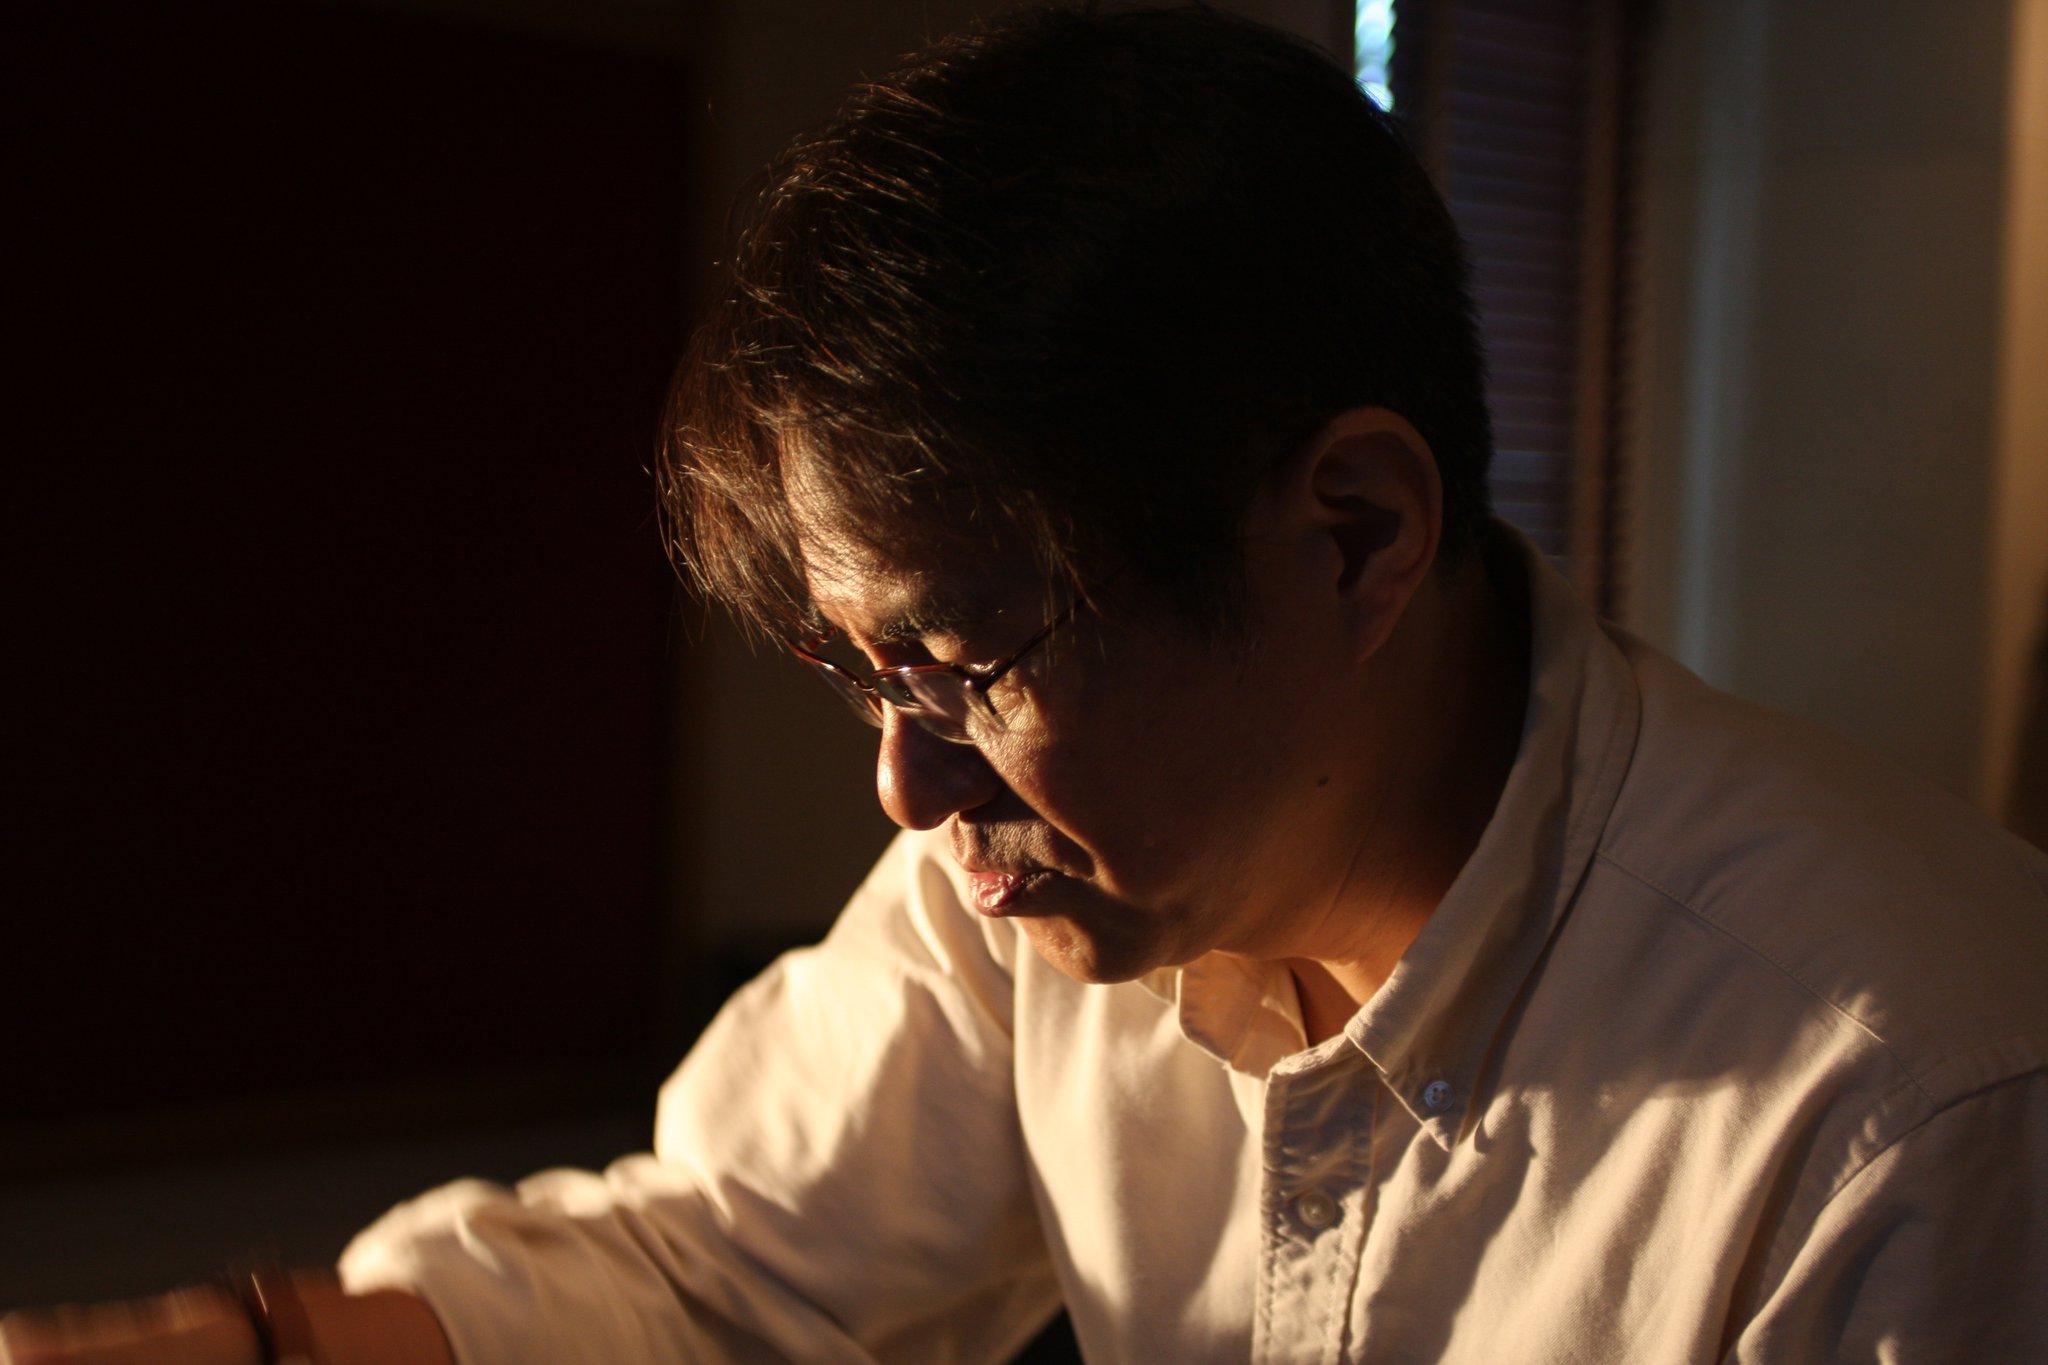 7月25日(金)「マスタリング講座 〜マスタリングの基礎と今後〜」開催のお知らせ